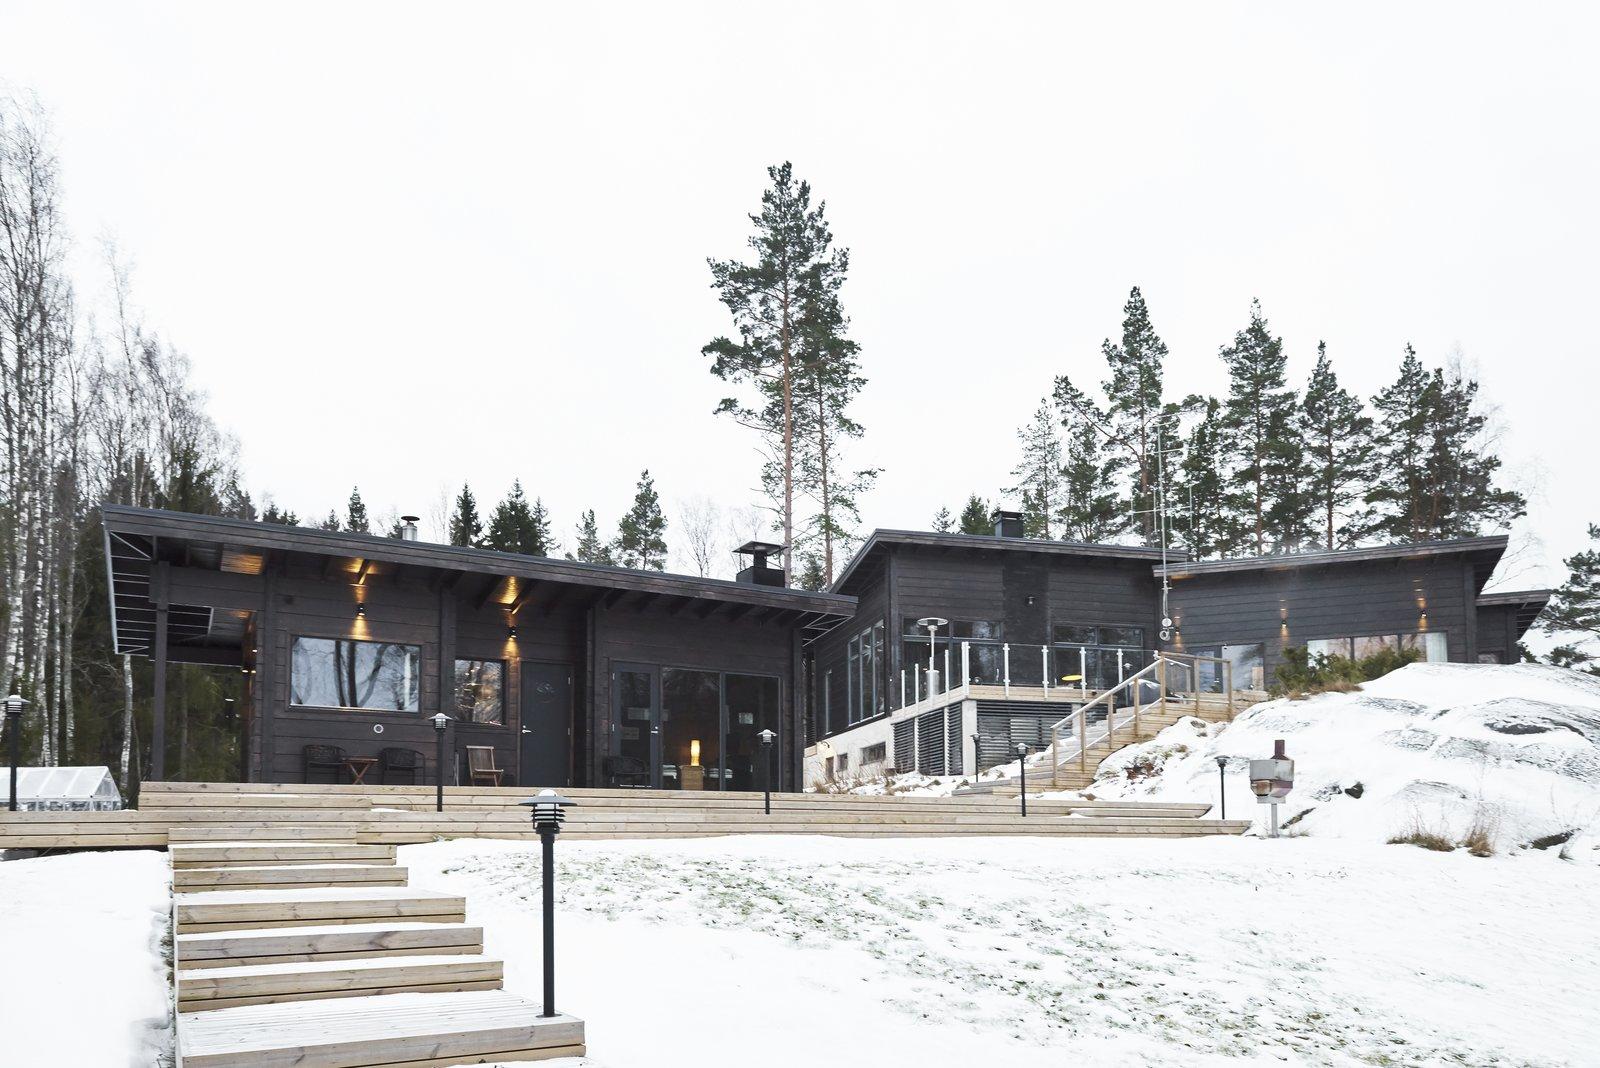 Solsidan log cabin kit home exterior.